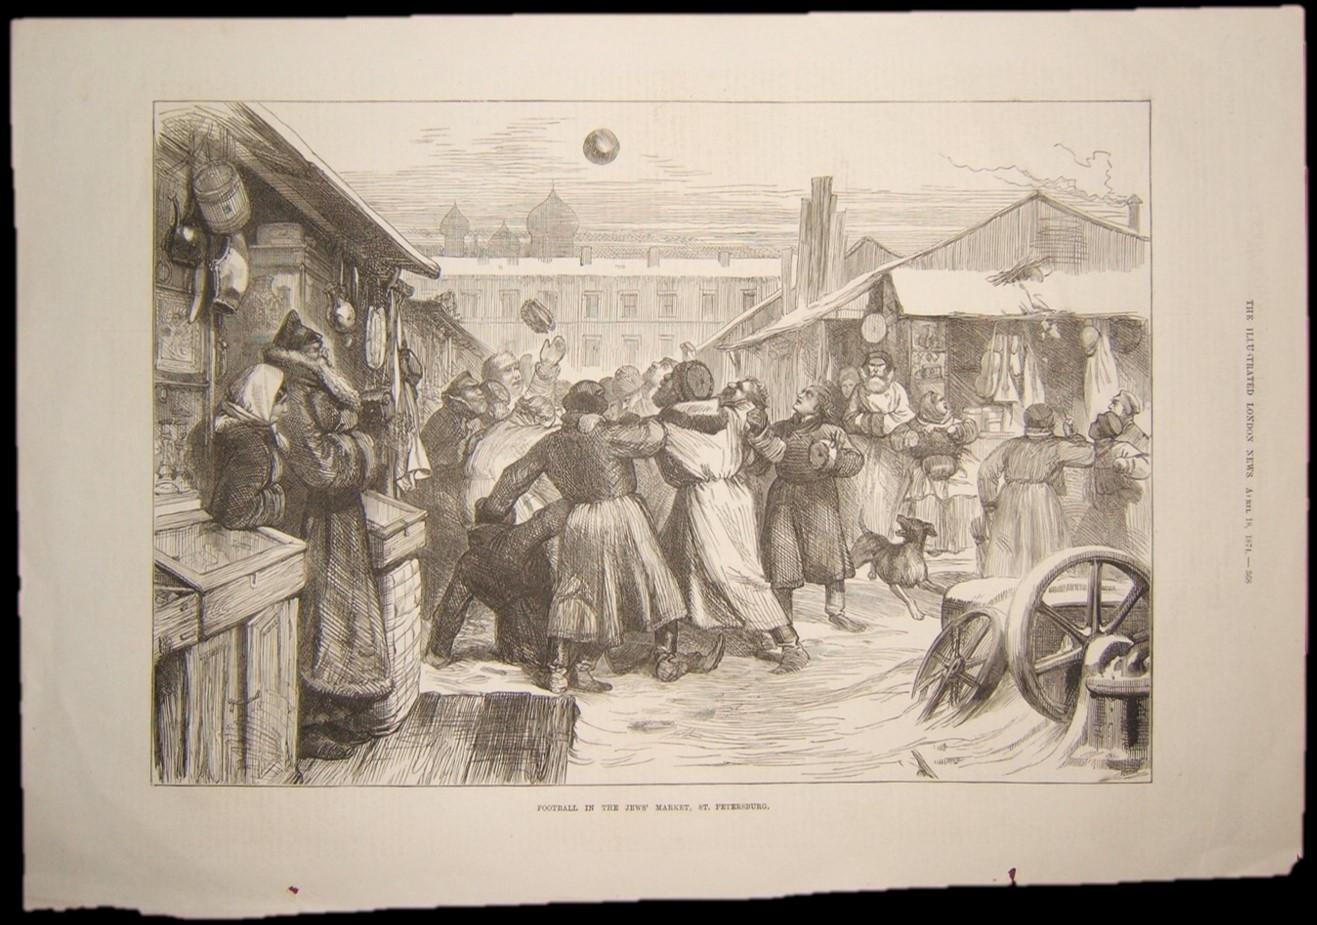 הדפס יודאיקה בריטית של כדורגל בשוק היהודים, סנט פטרבורג רוסיה 1874